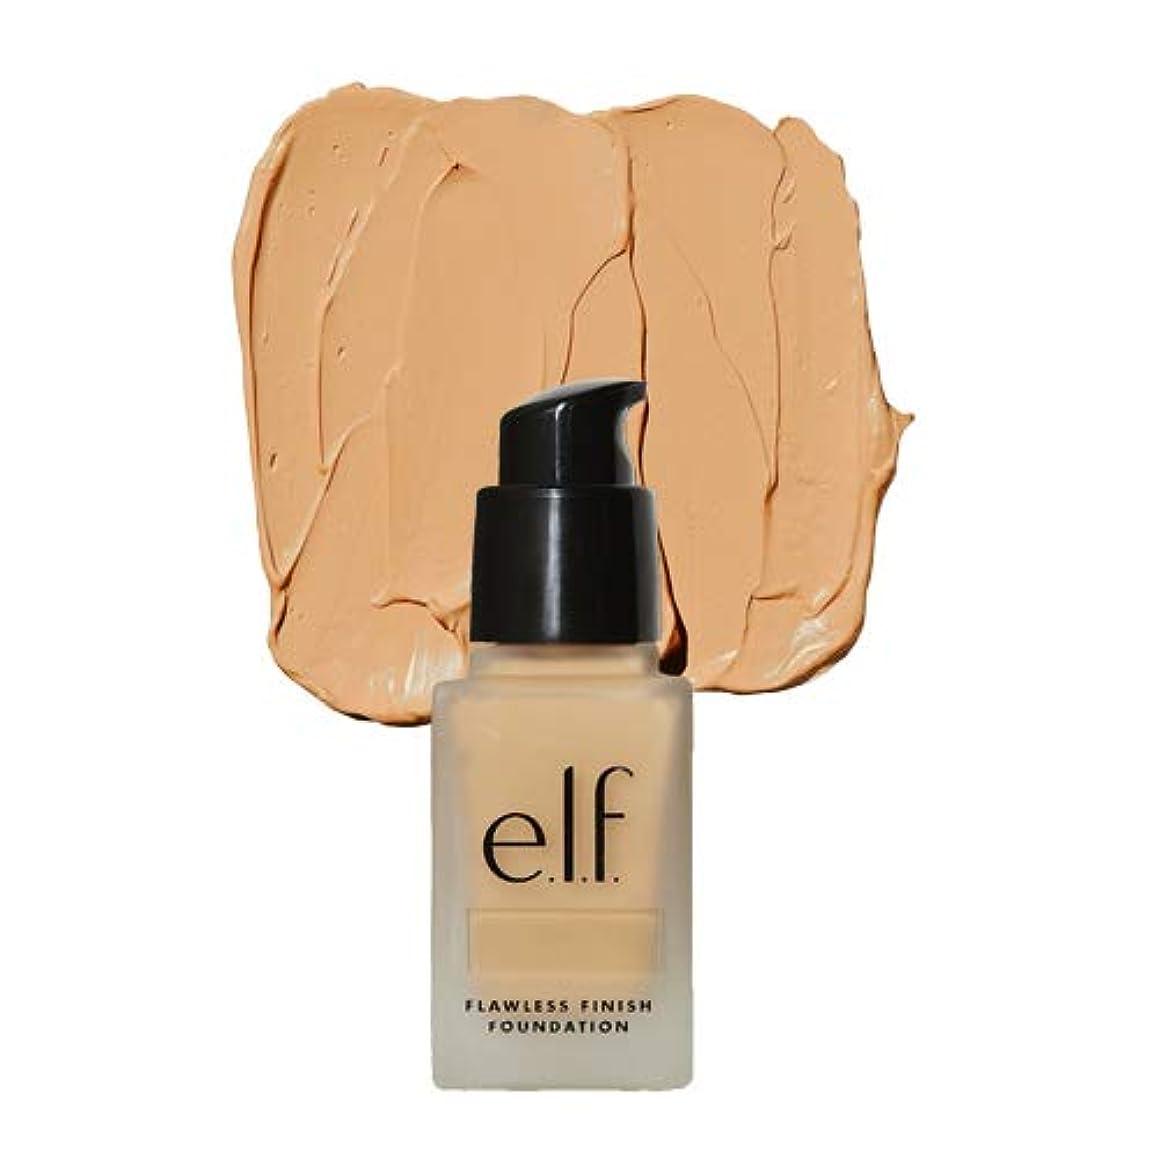 執着争う理容室(6 Pack) e.l.f. Oil Free Flawless Finish Foundation - Buff (並行輸入品)